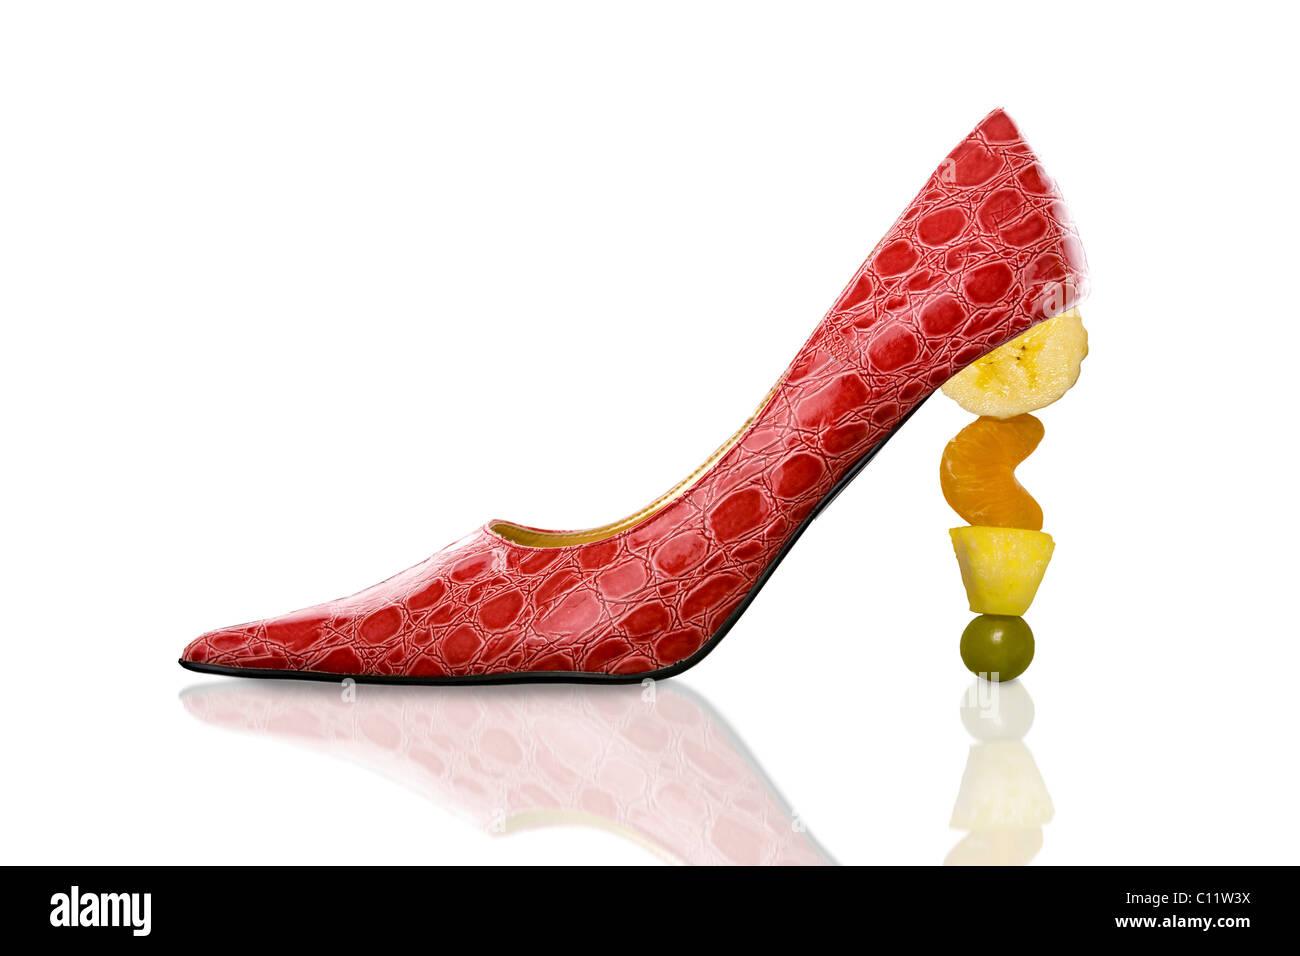 Glamorous high heels with fruit heel - Stock Image